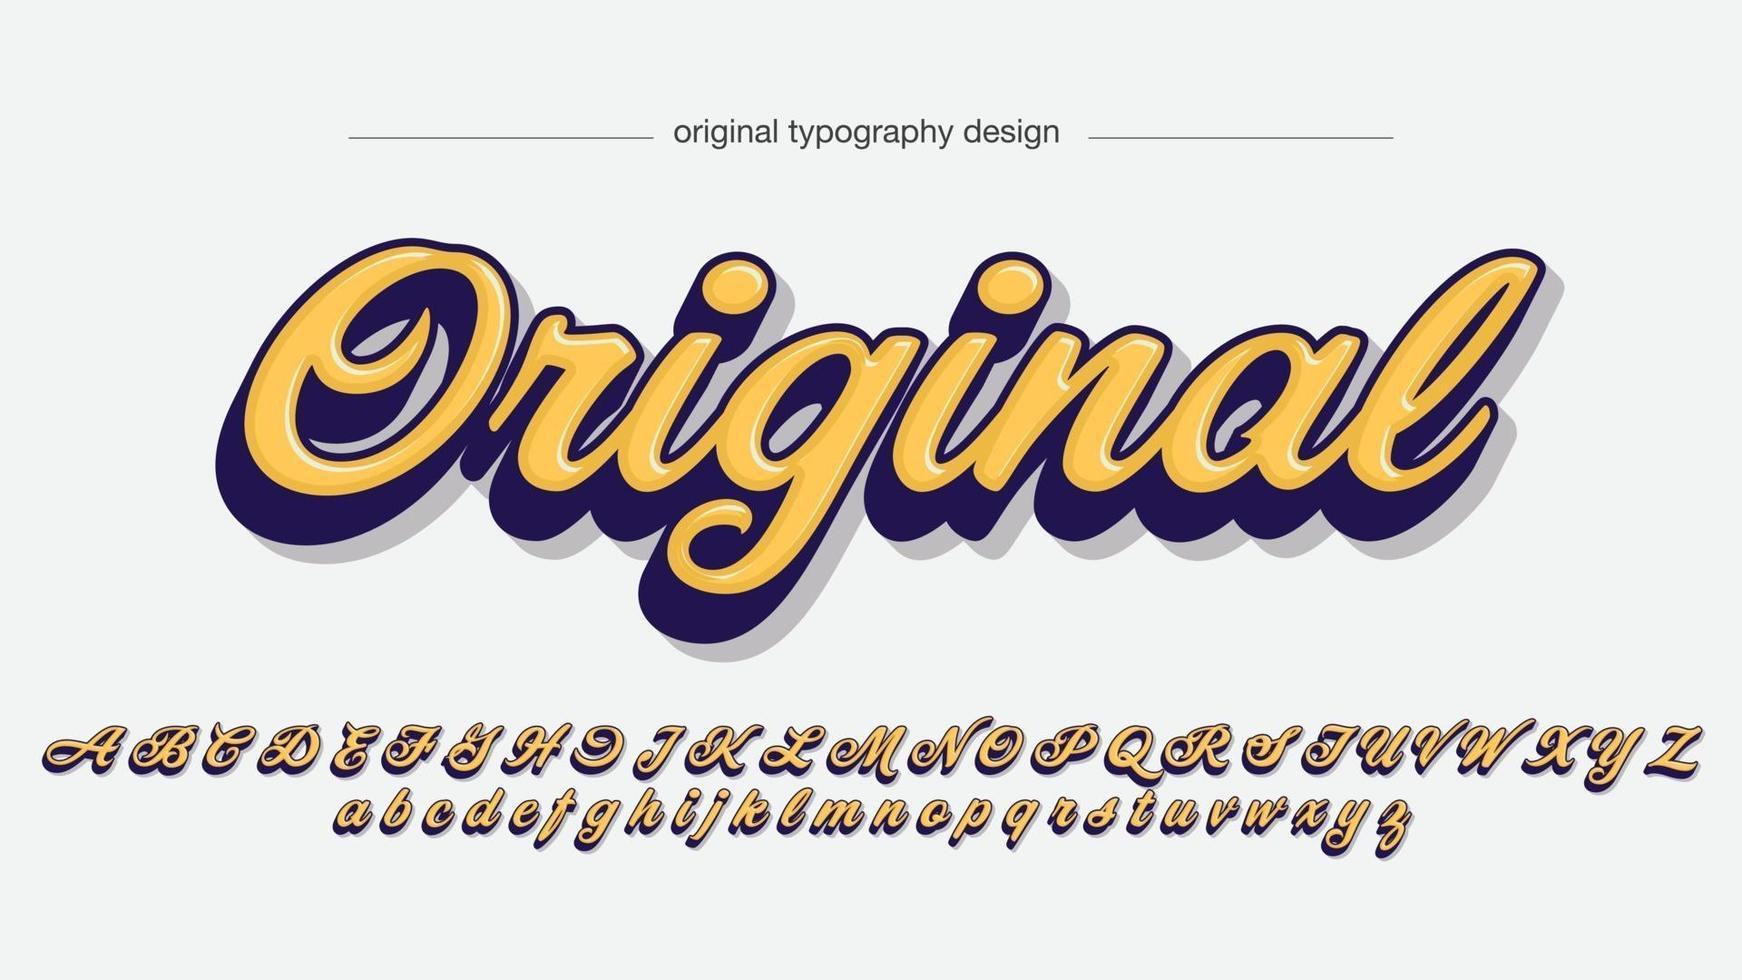 tipografia cursiva de caligrafia 3d amarela e azul vetor